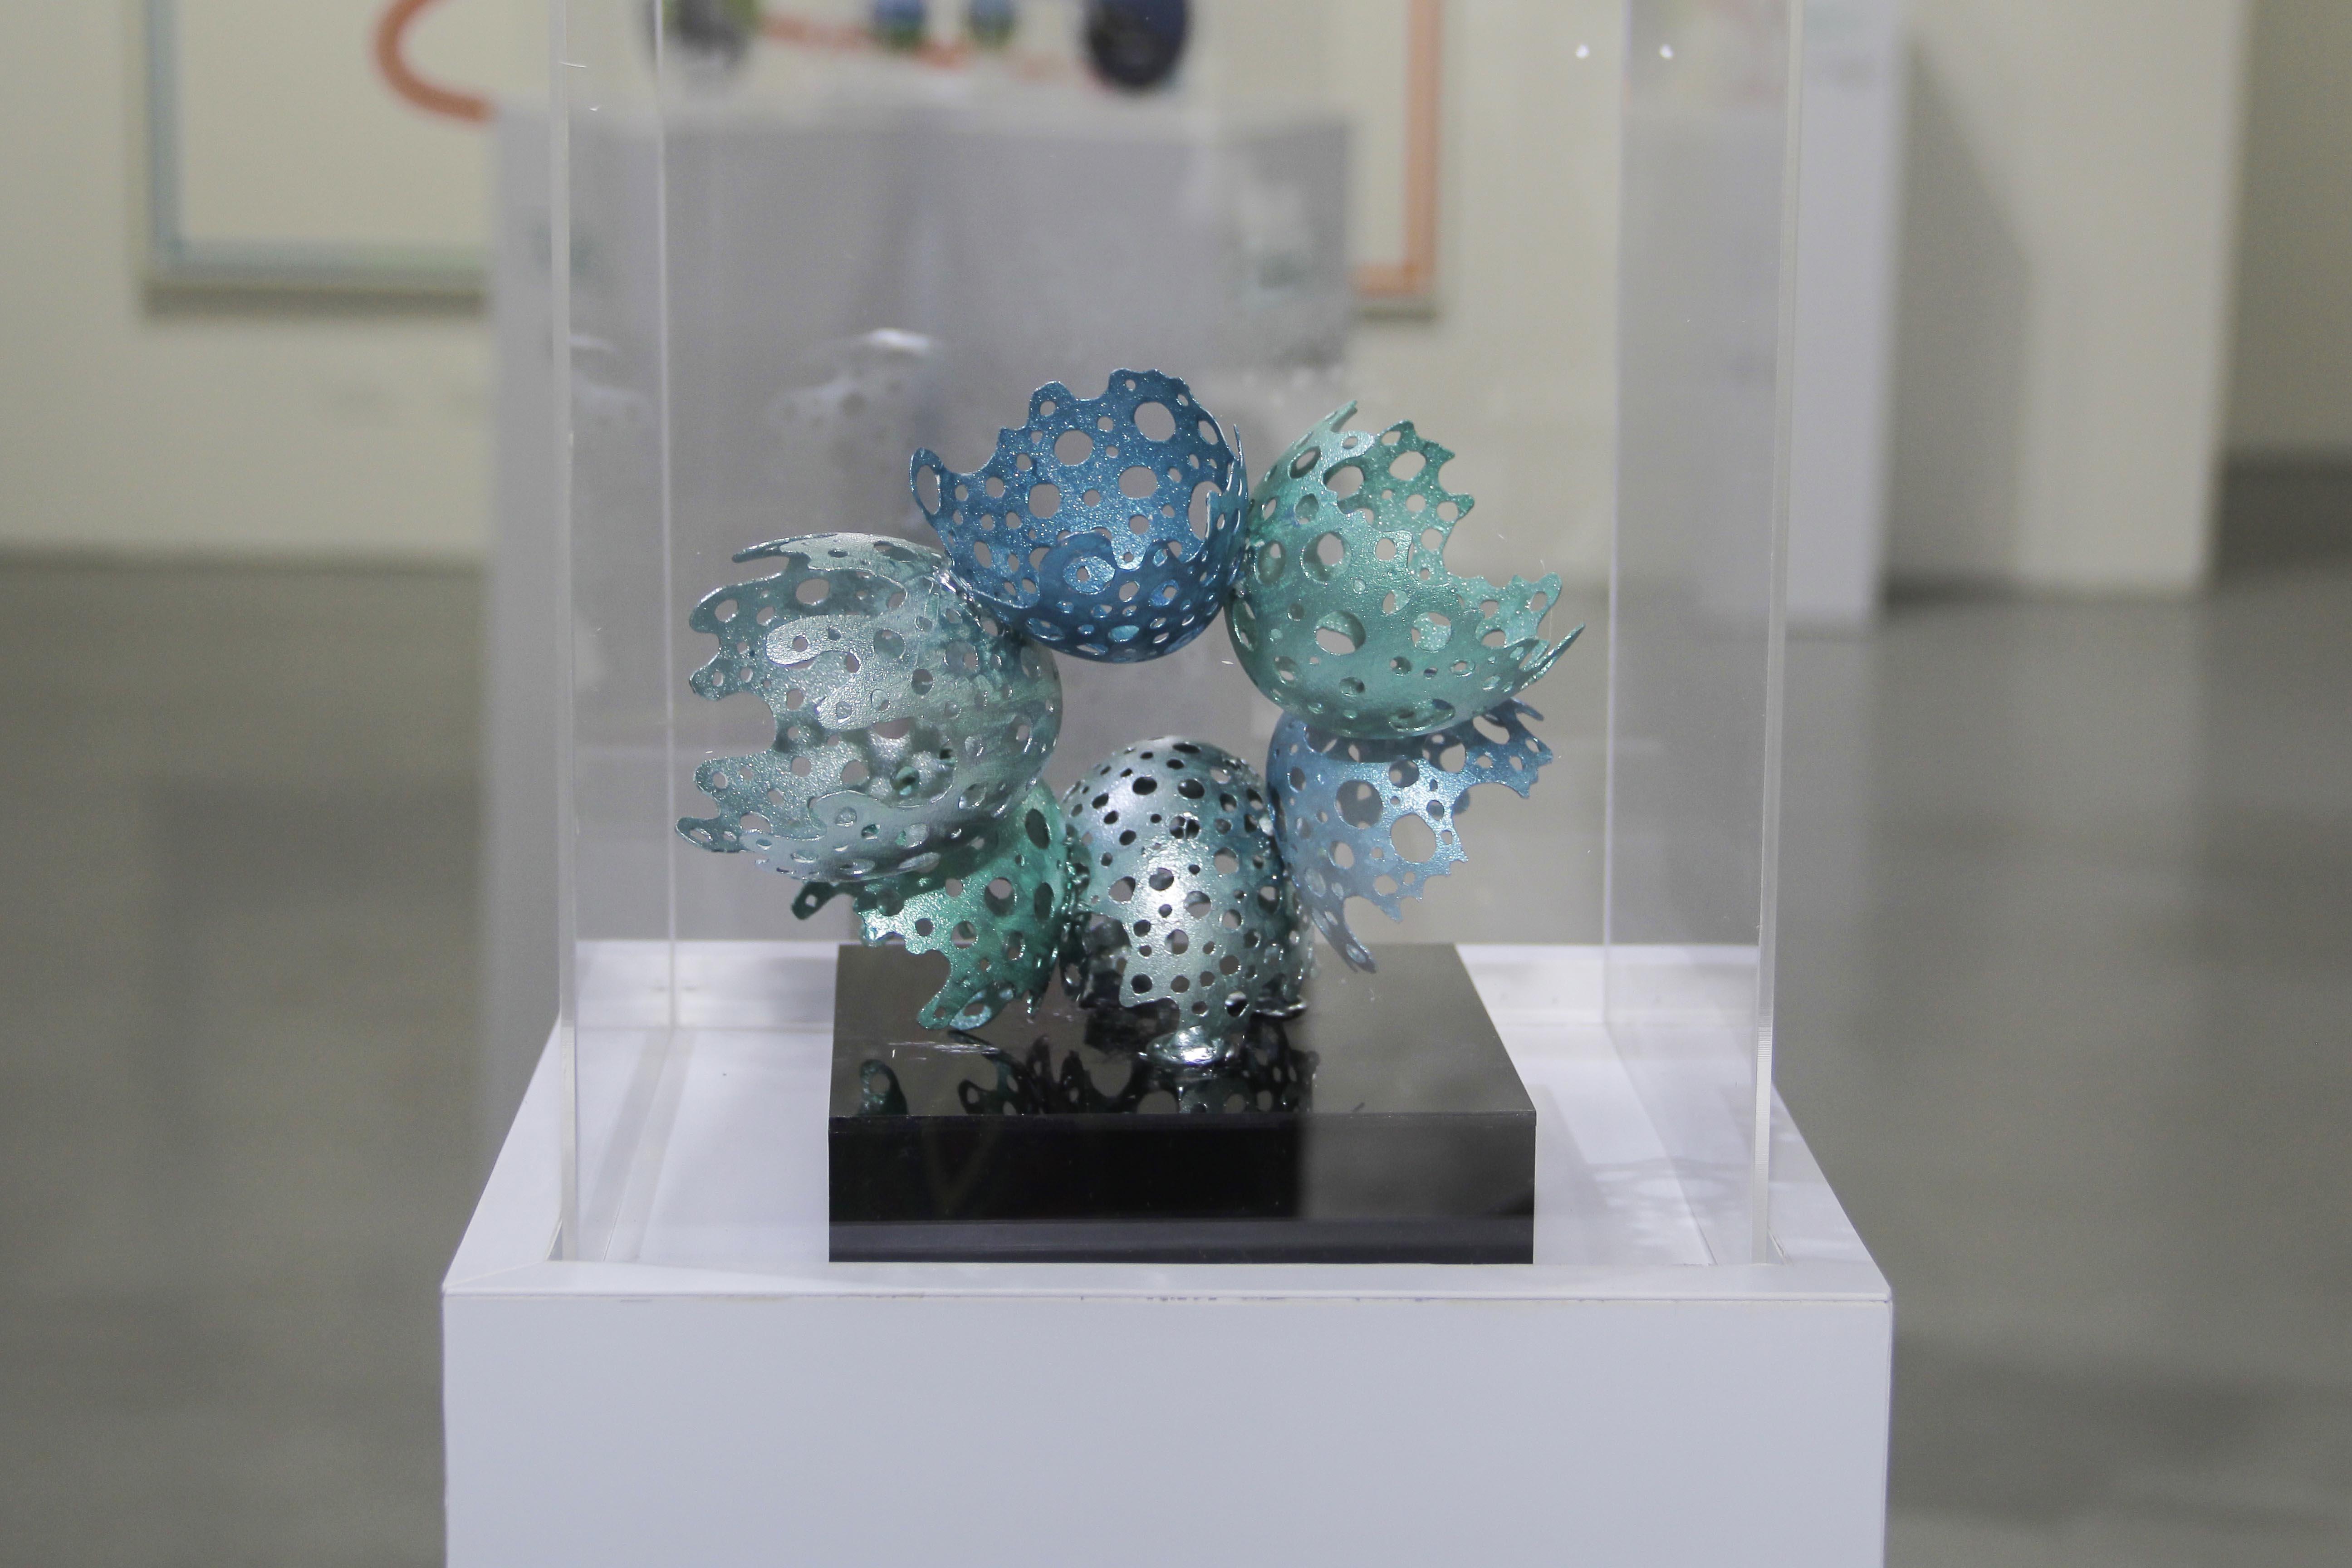 Escultura Con Huevos De Ganso